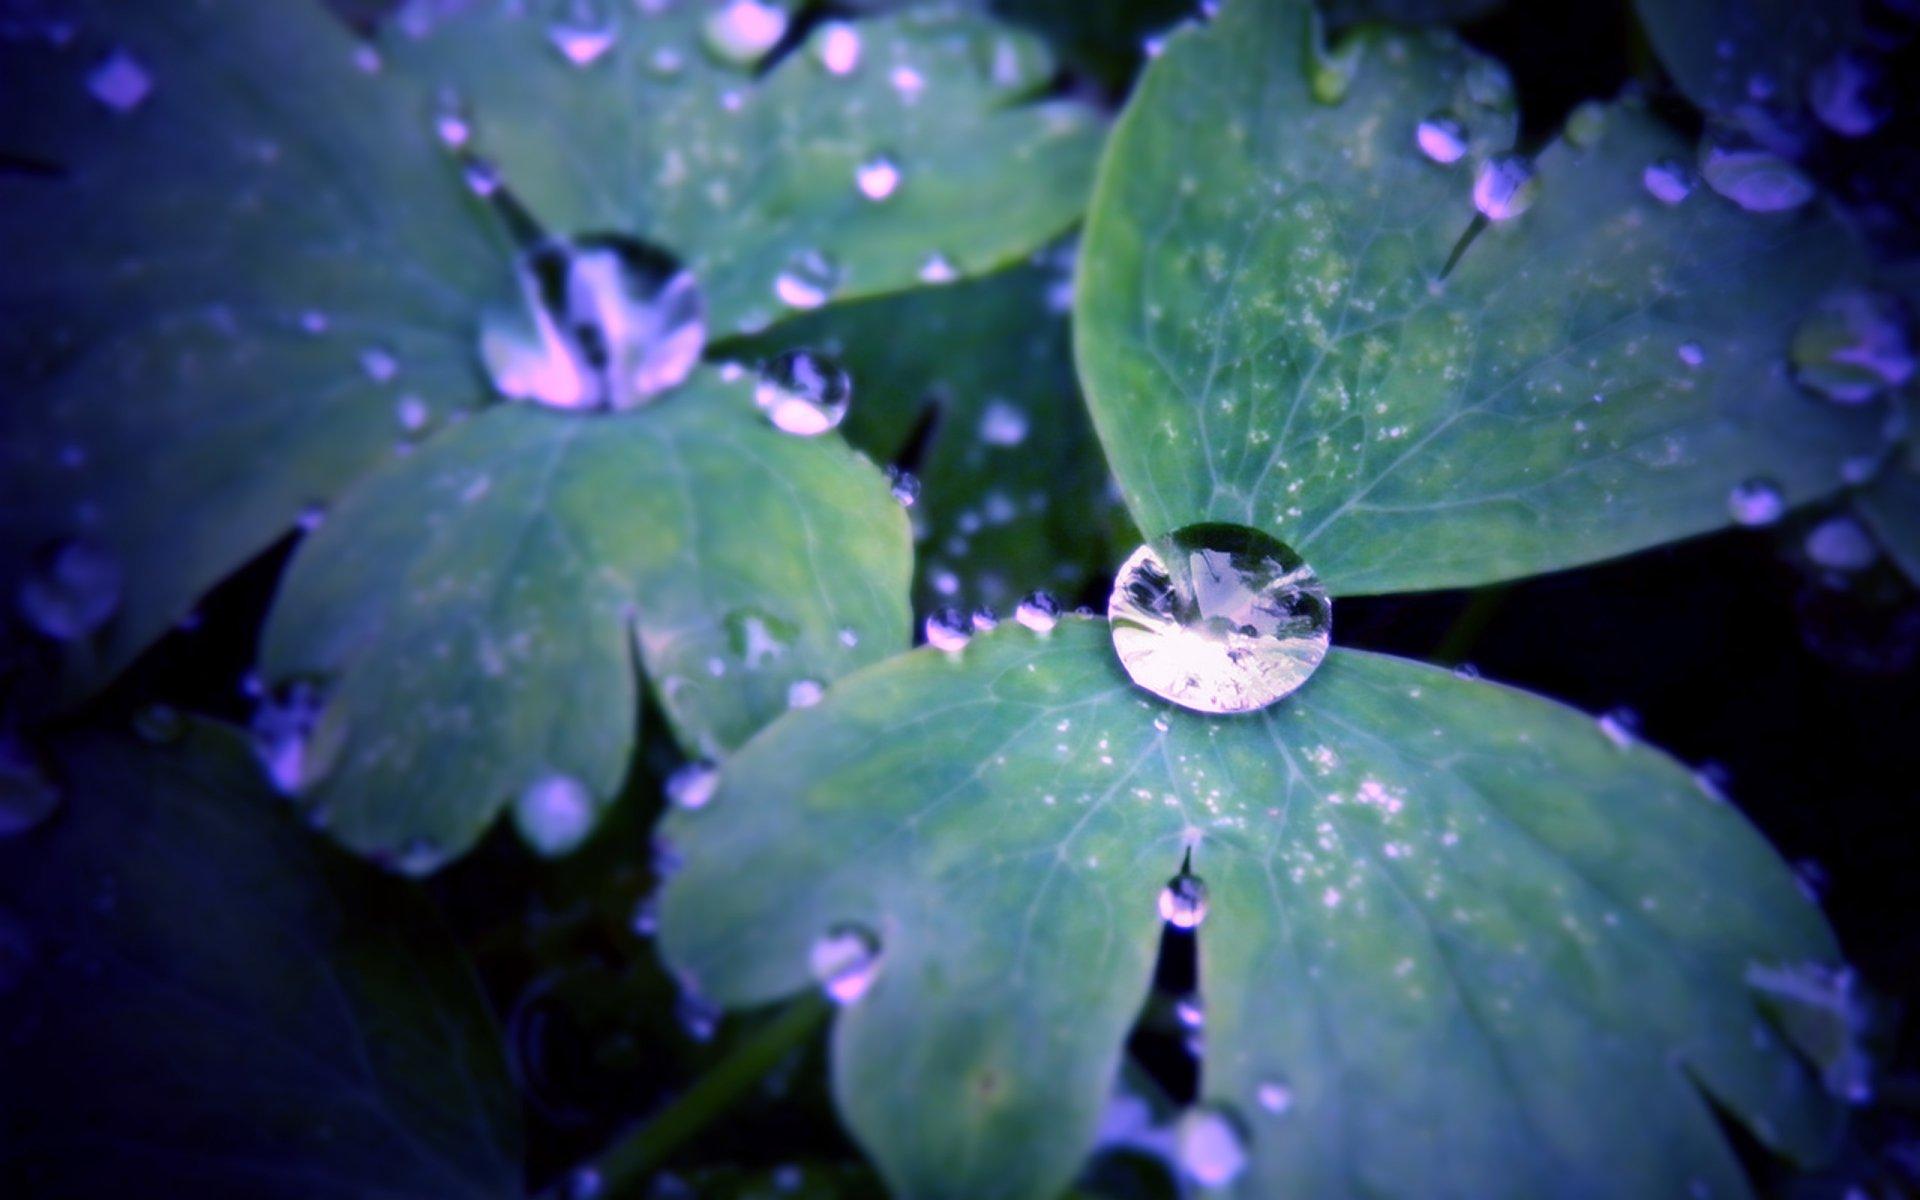 Earth - Water Drop  Wallpaper